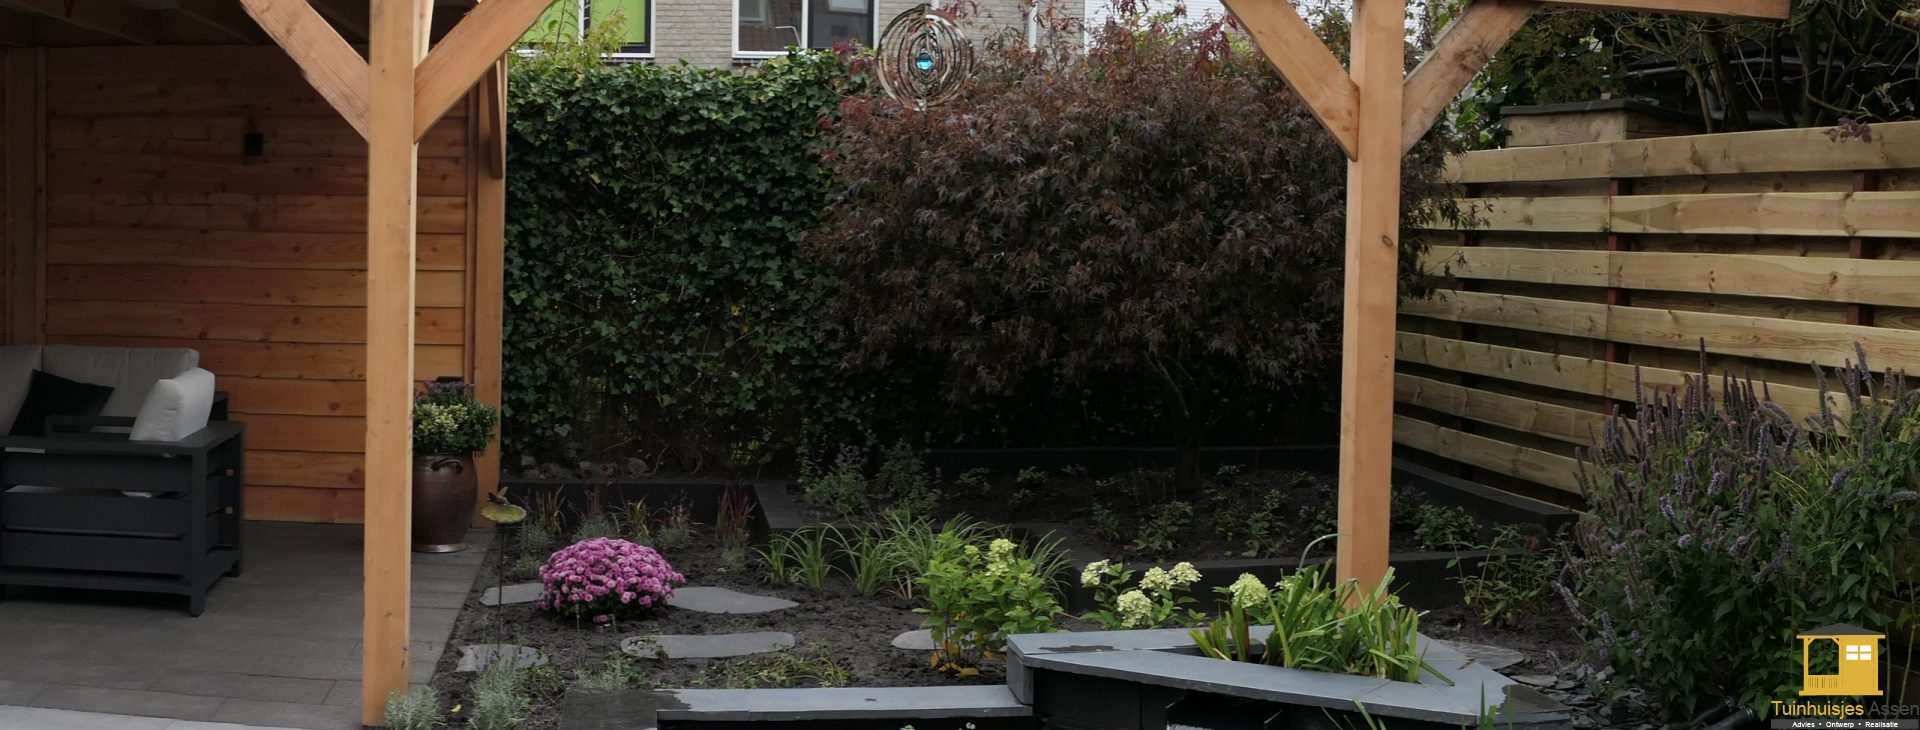 Tuinhuisjes-Assen-Tuinhuisjes, pergola, schuttingen en overkappingen